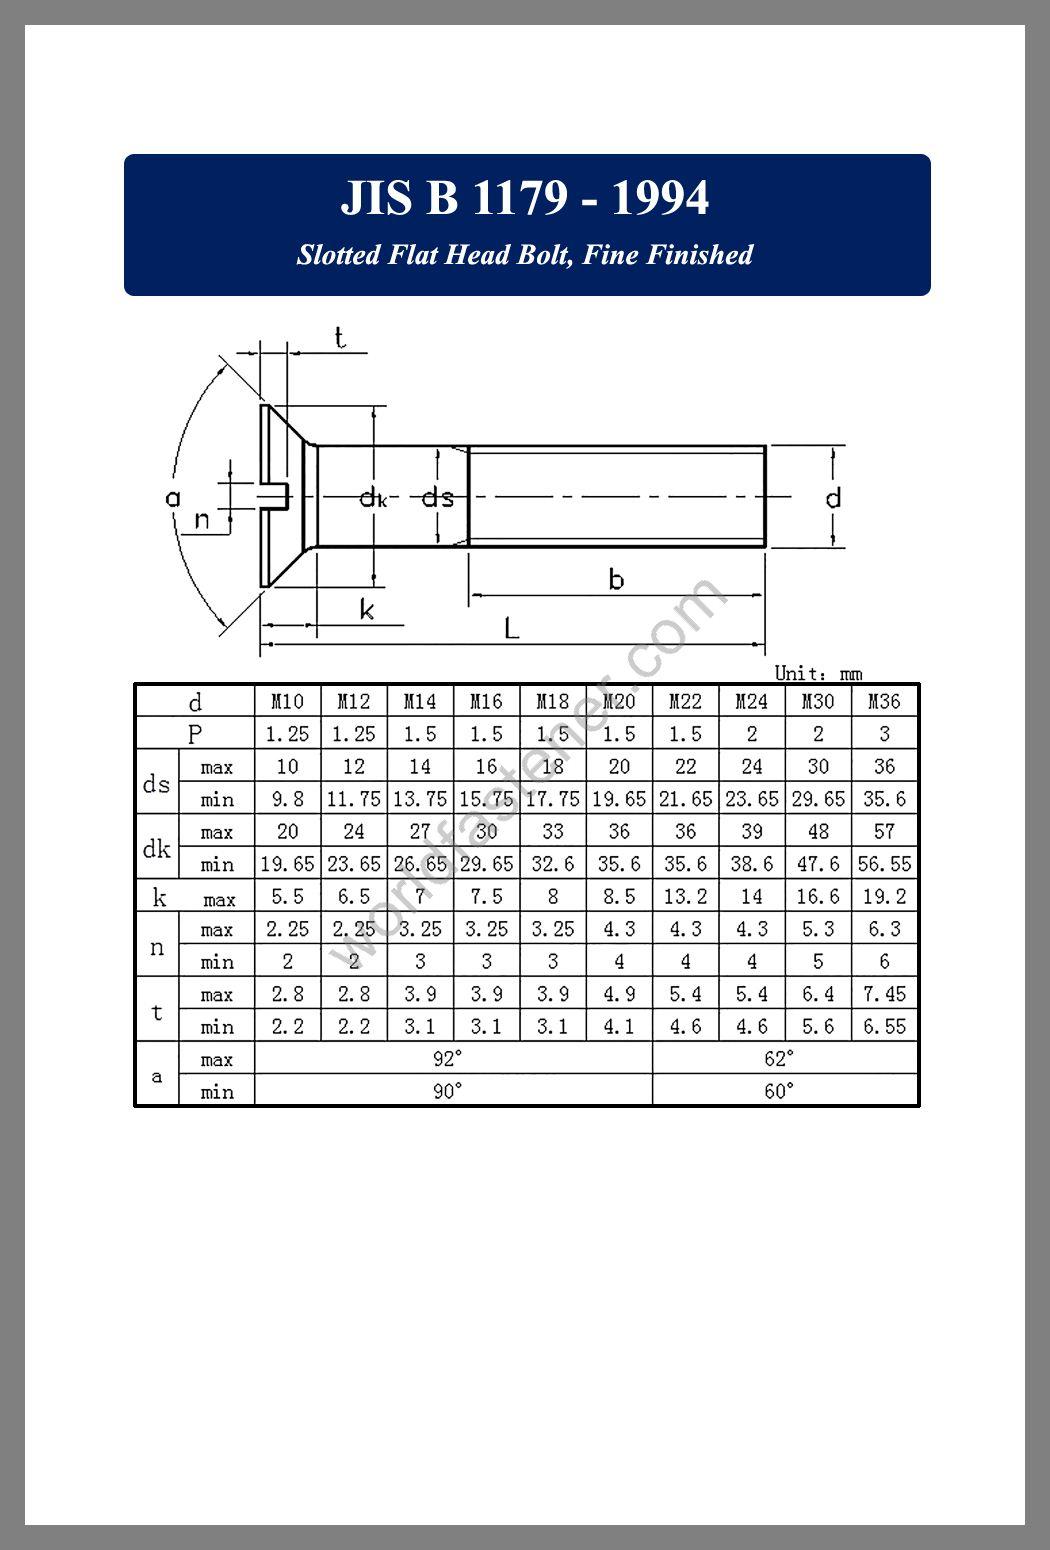 JIS B 1179 Slotted Flat Head Bolt Fine Finished, JIS B1179, Countersunk Head Screws, fastener, screw, bolt, JIS bolts, JIS Fasteners